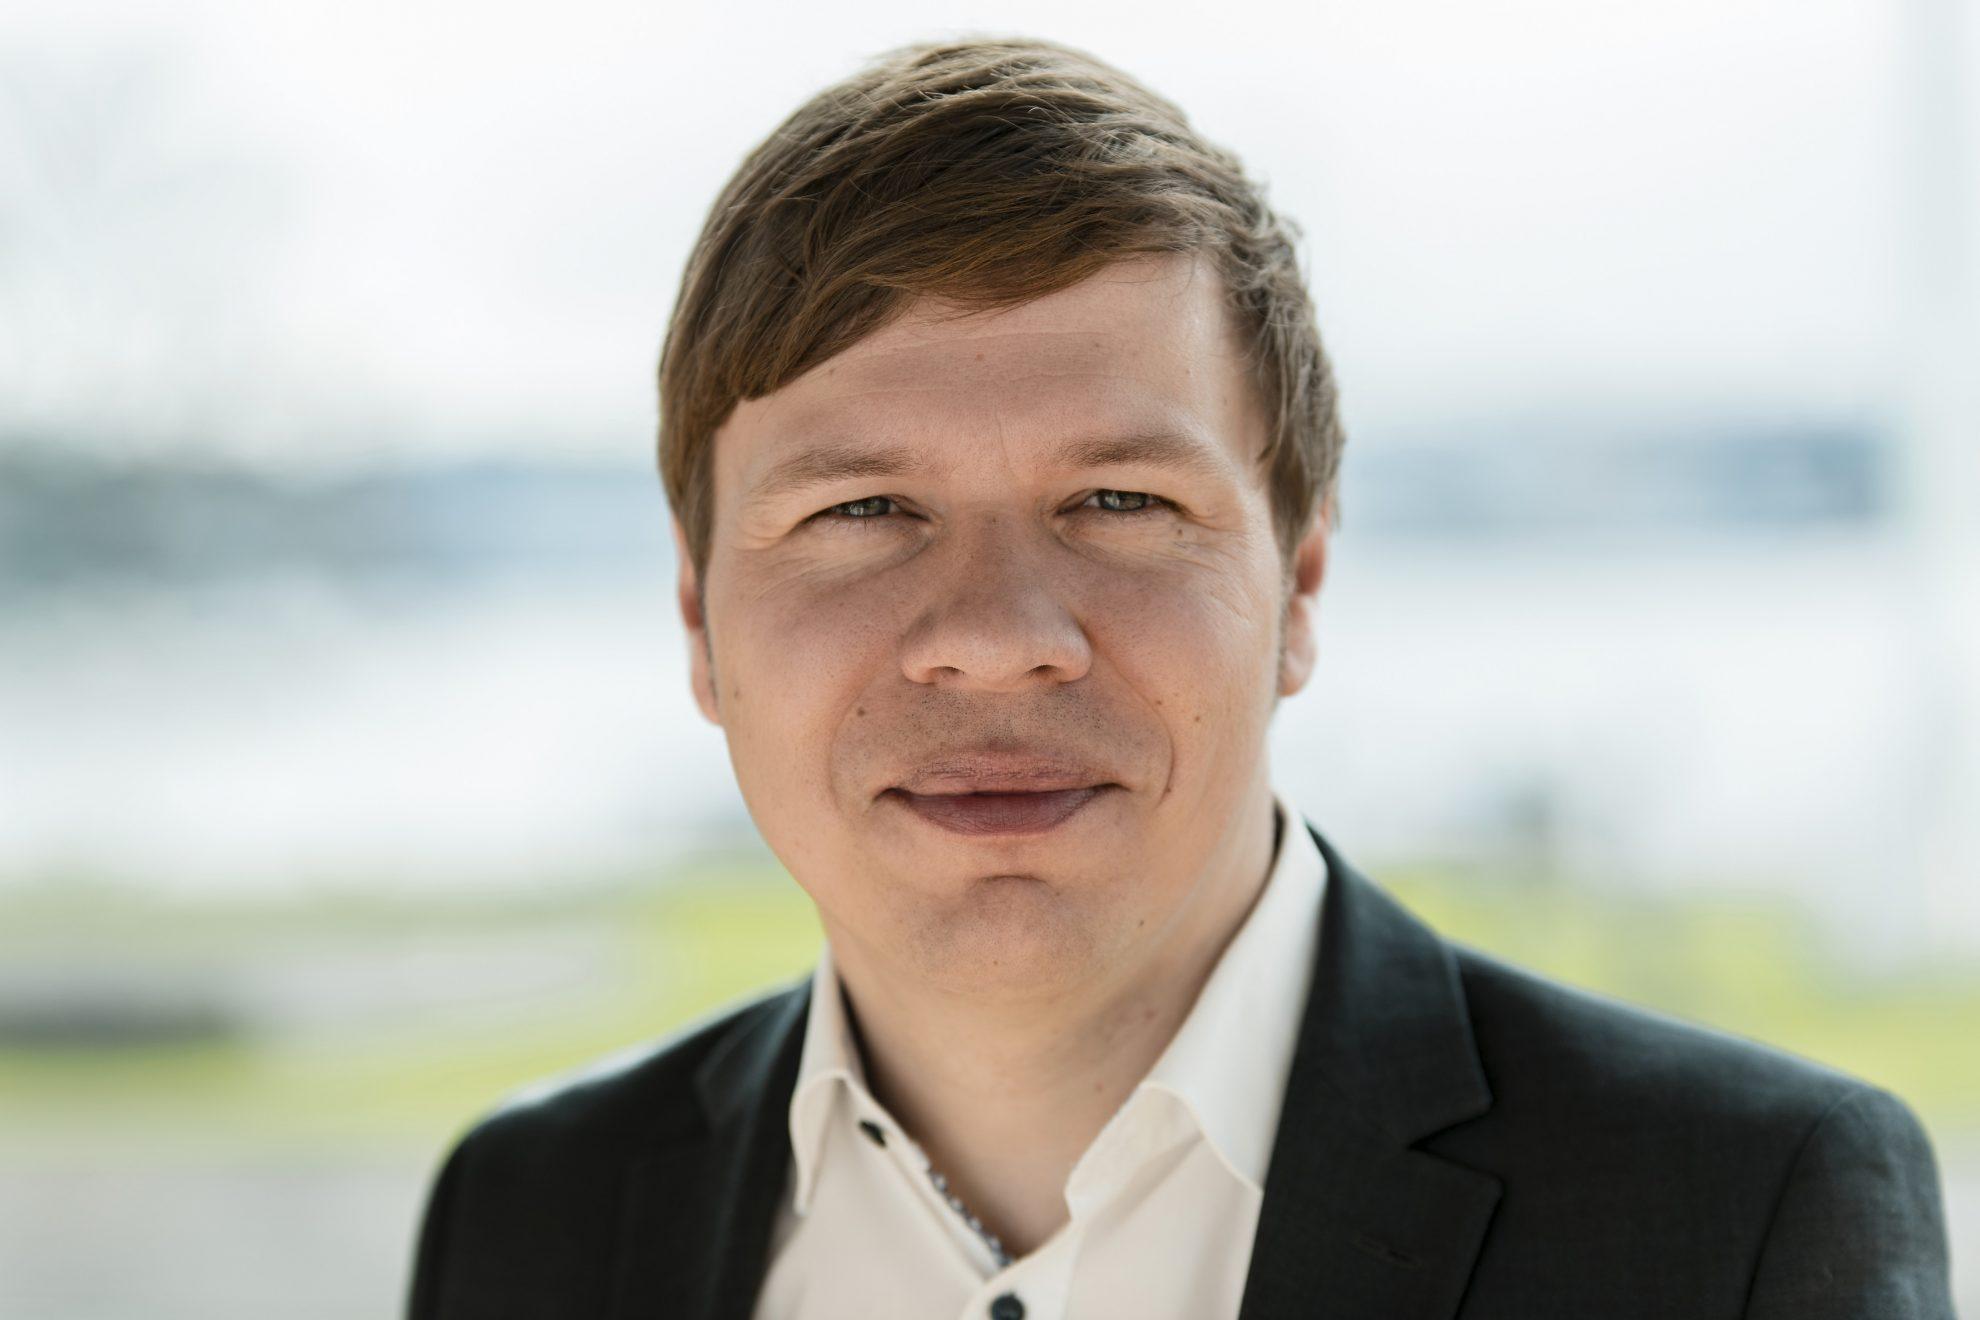 Christian Meyer-Heidemann